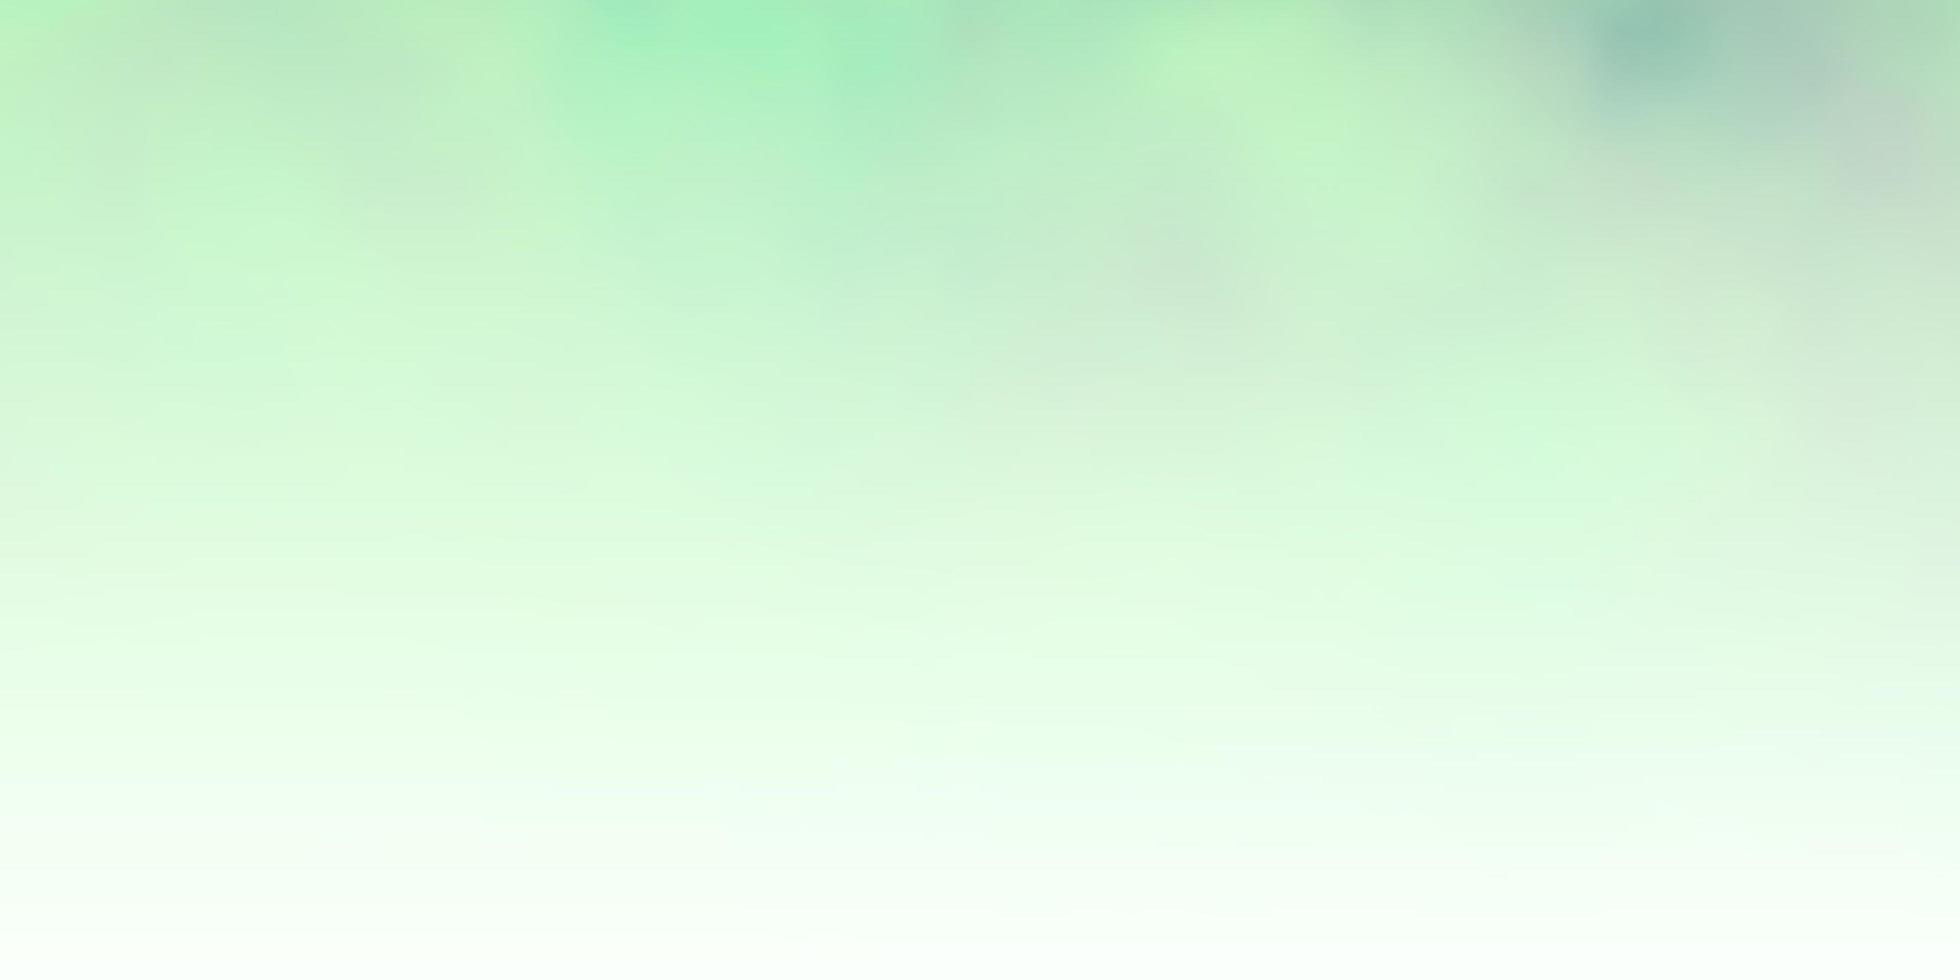 modello verde chiaro con nuvole. vettore